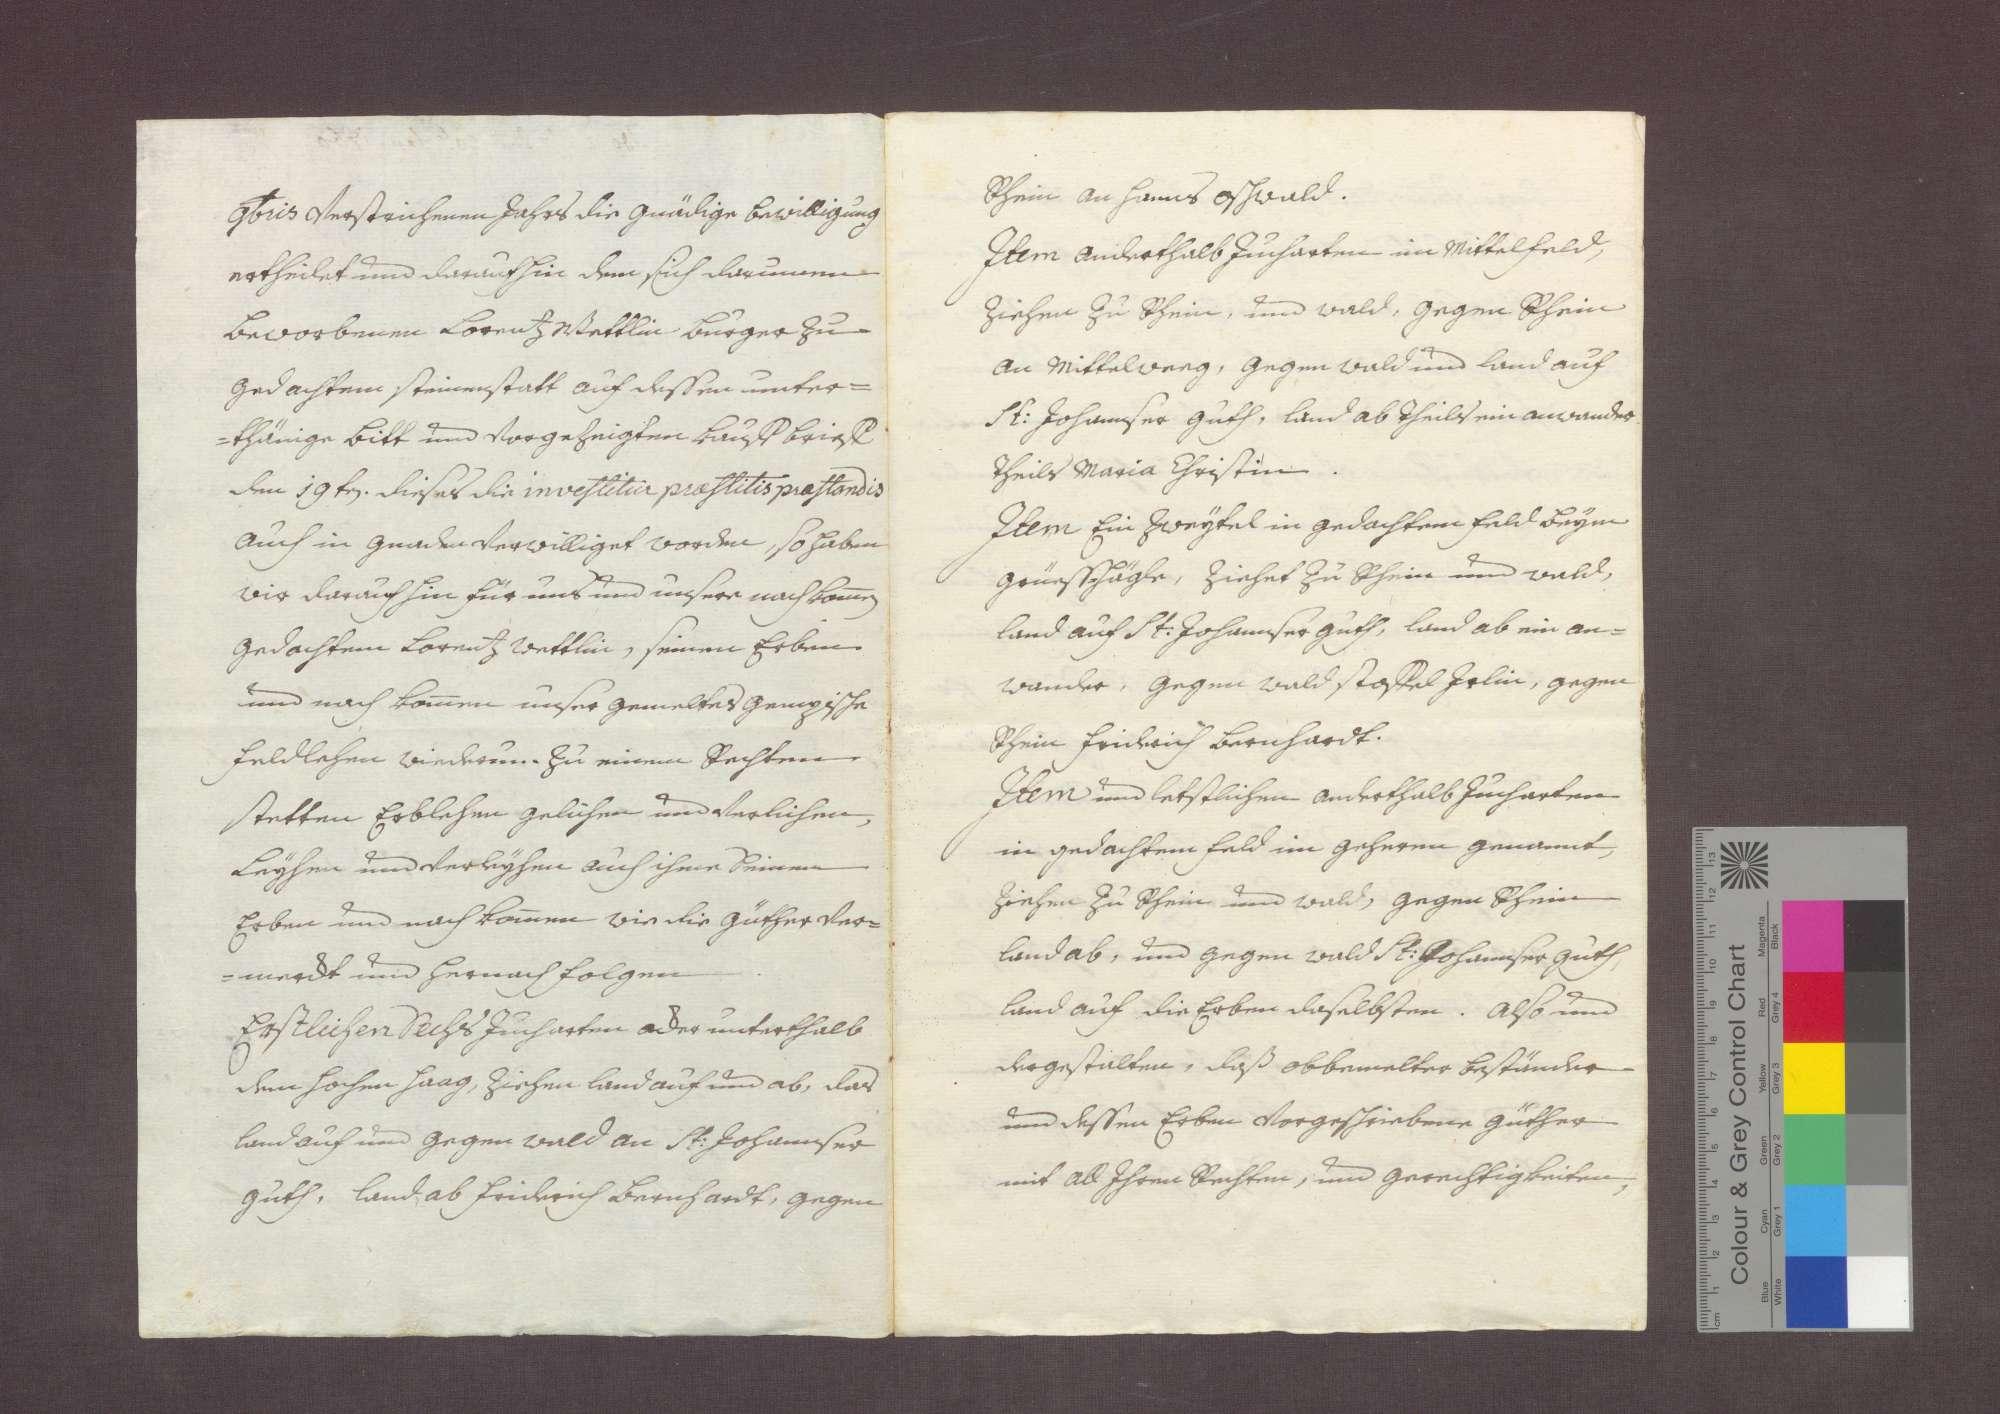 Lehnrevers des Lorenz Wettlin zu Steinenstadt gegenüber dem Basler Domkapitel., Bild 2